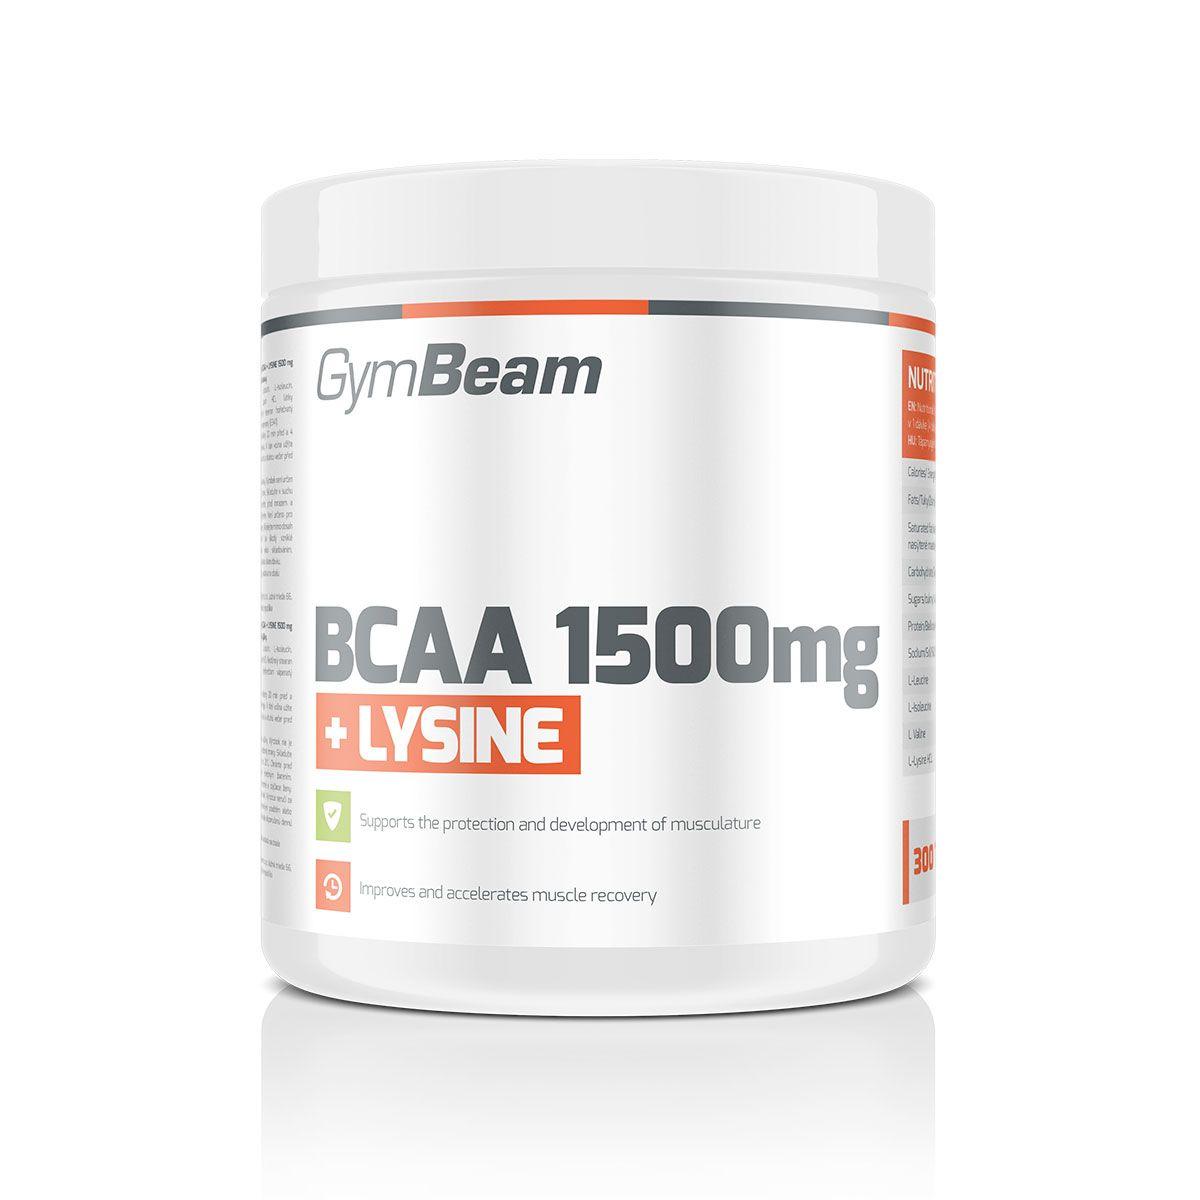 najlepšie aminokyseliny na trhu